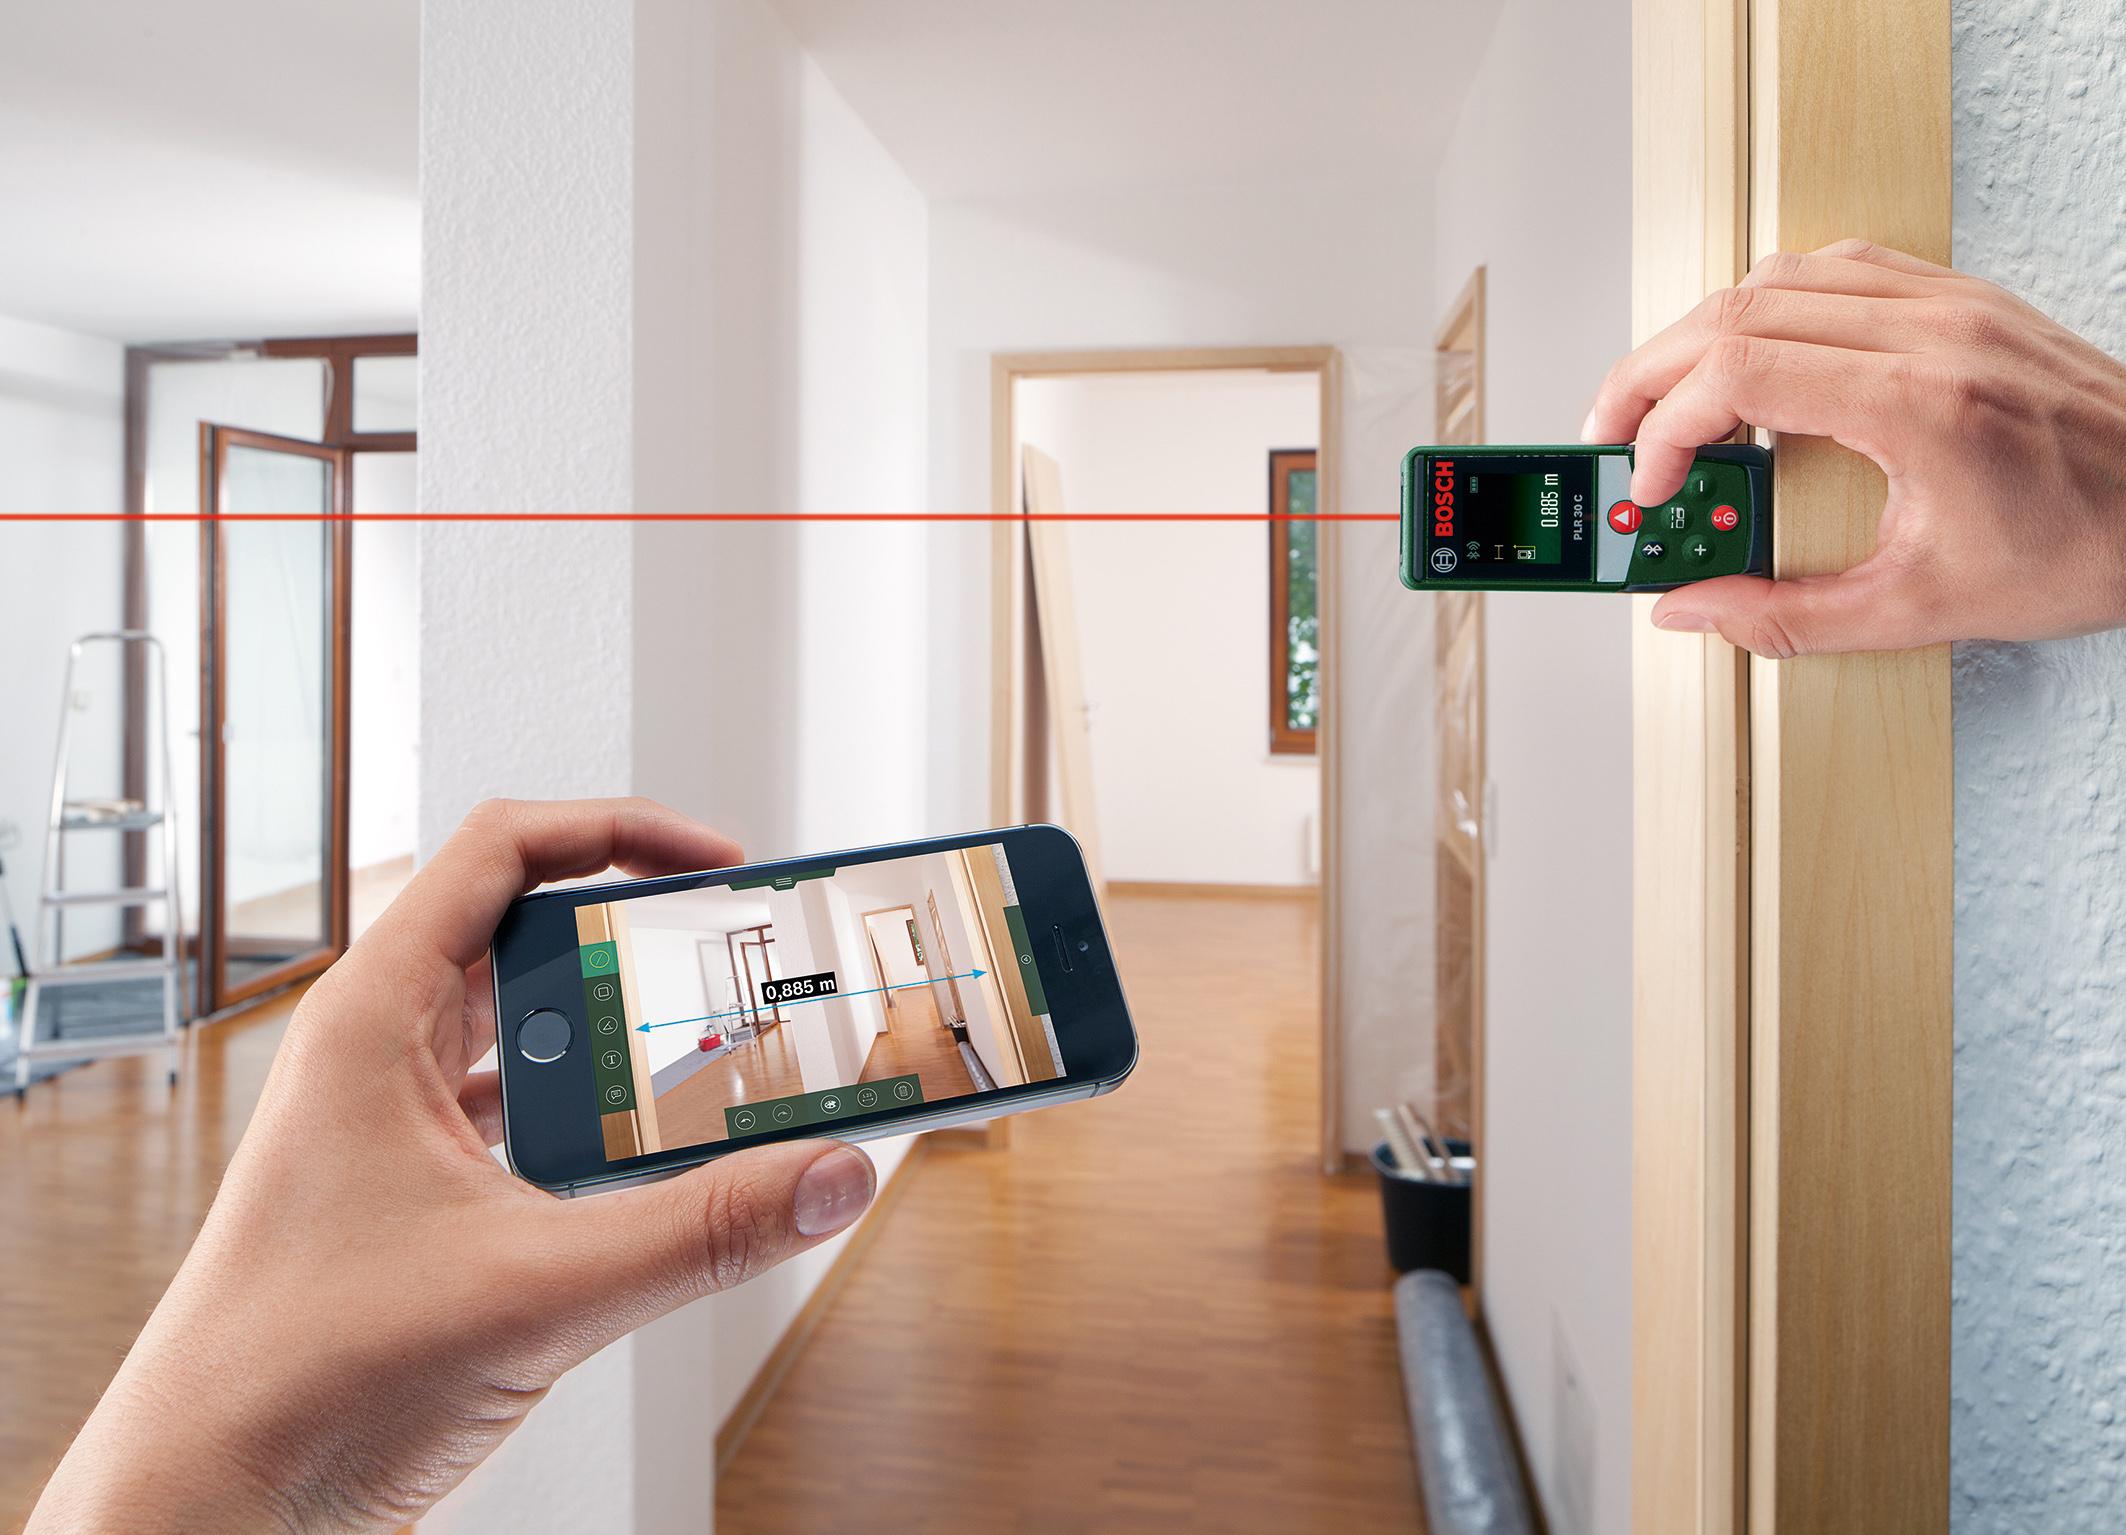 Entfernungsmesser App Für Android : Bosch verbindet messgeräte mit app media service